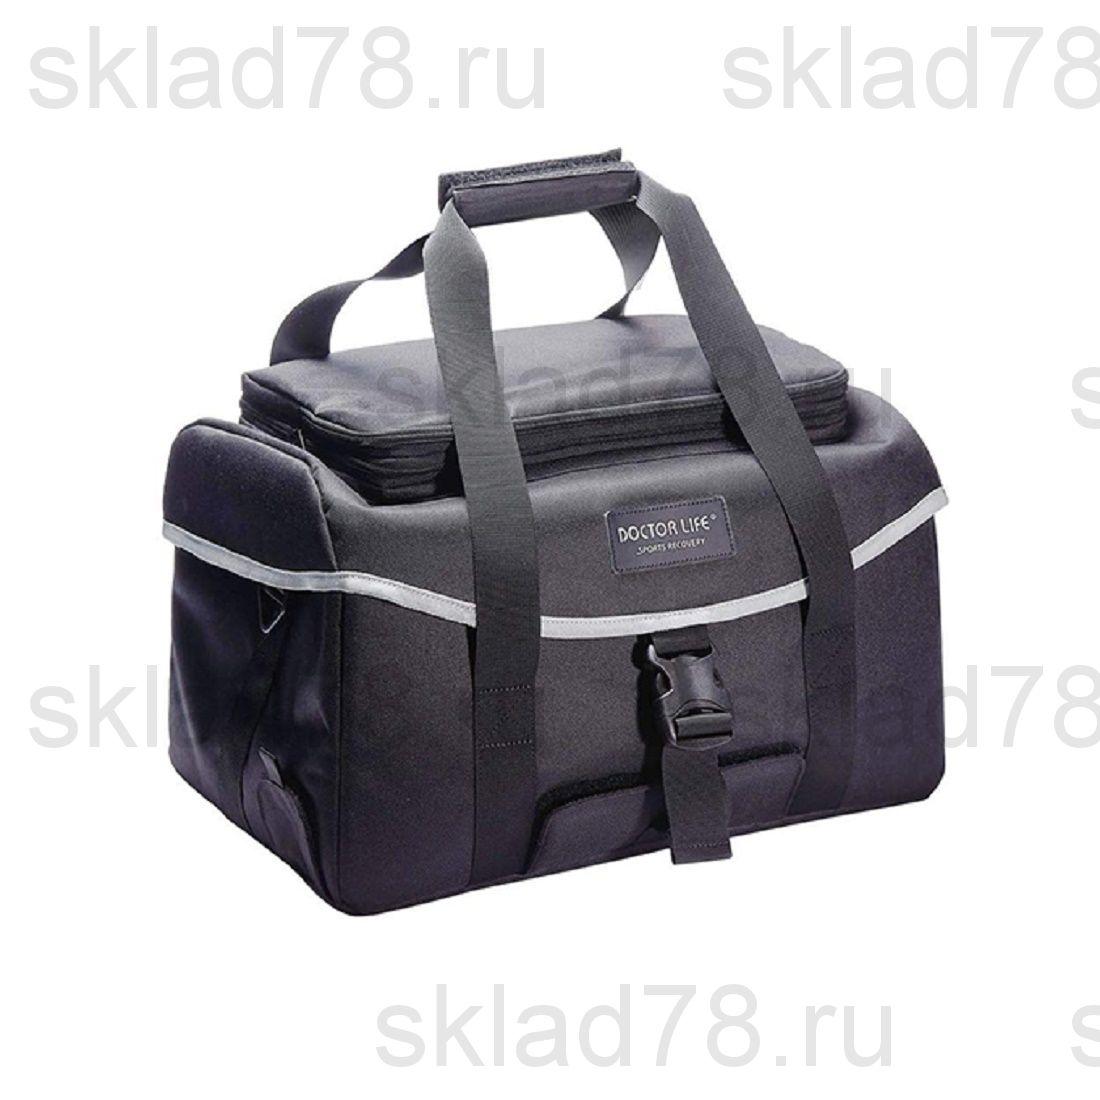 Брендированная сумка для Doctor Life LX-7, LX-9